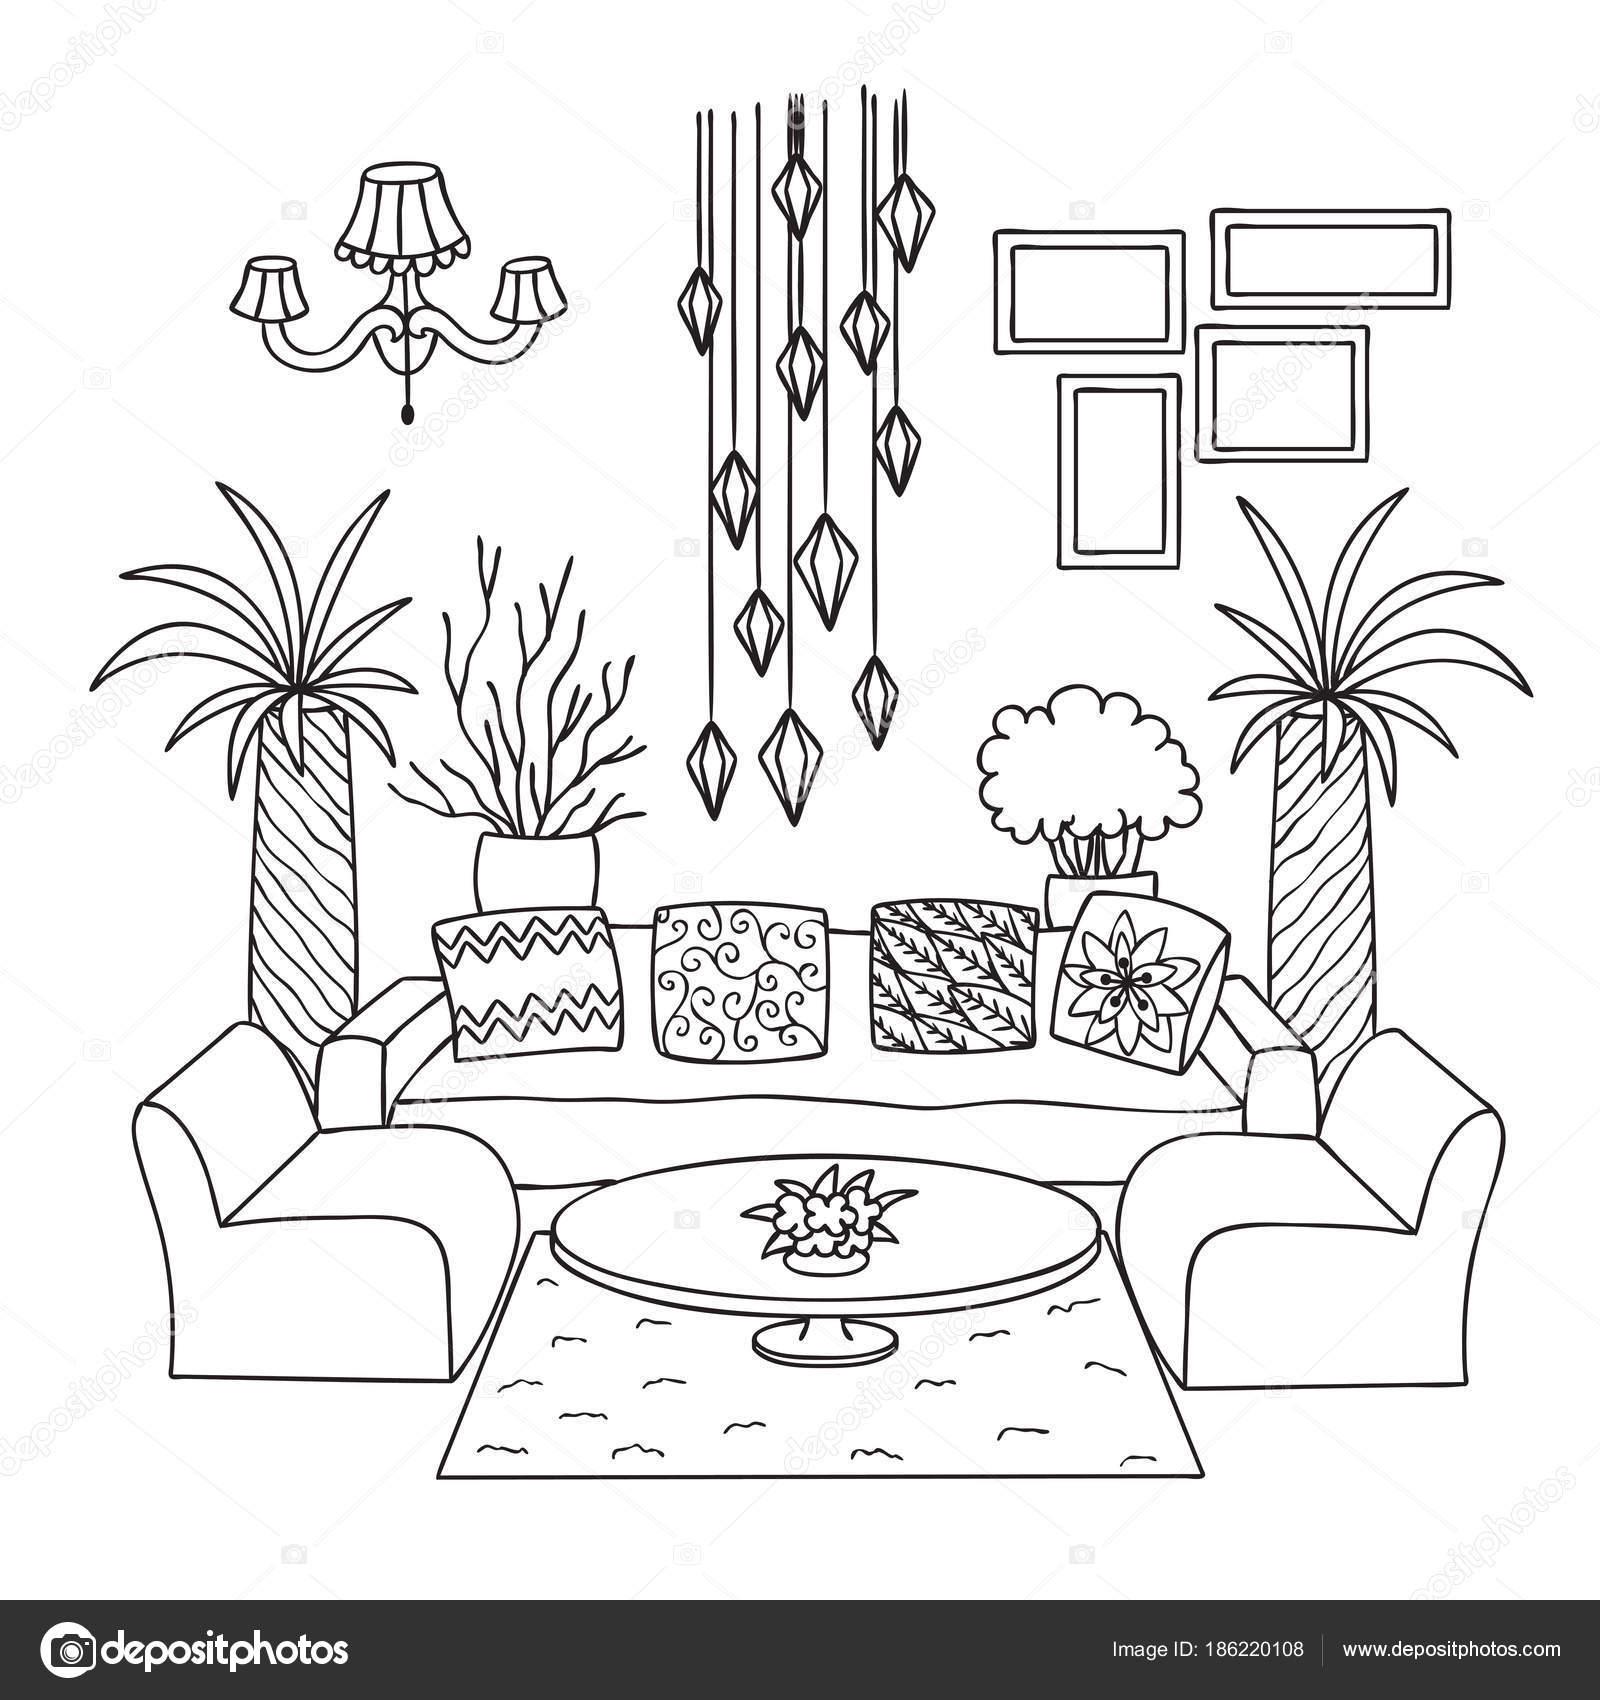 Malvorlagen Wohnzimmer Coloring and Malvorlagan